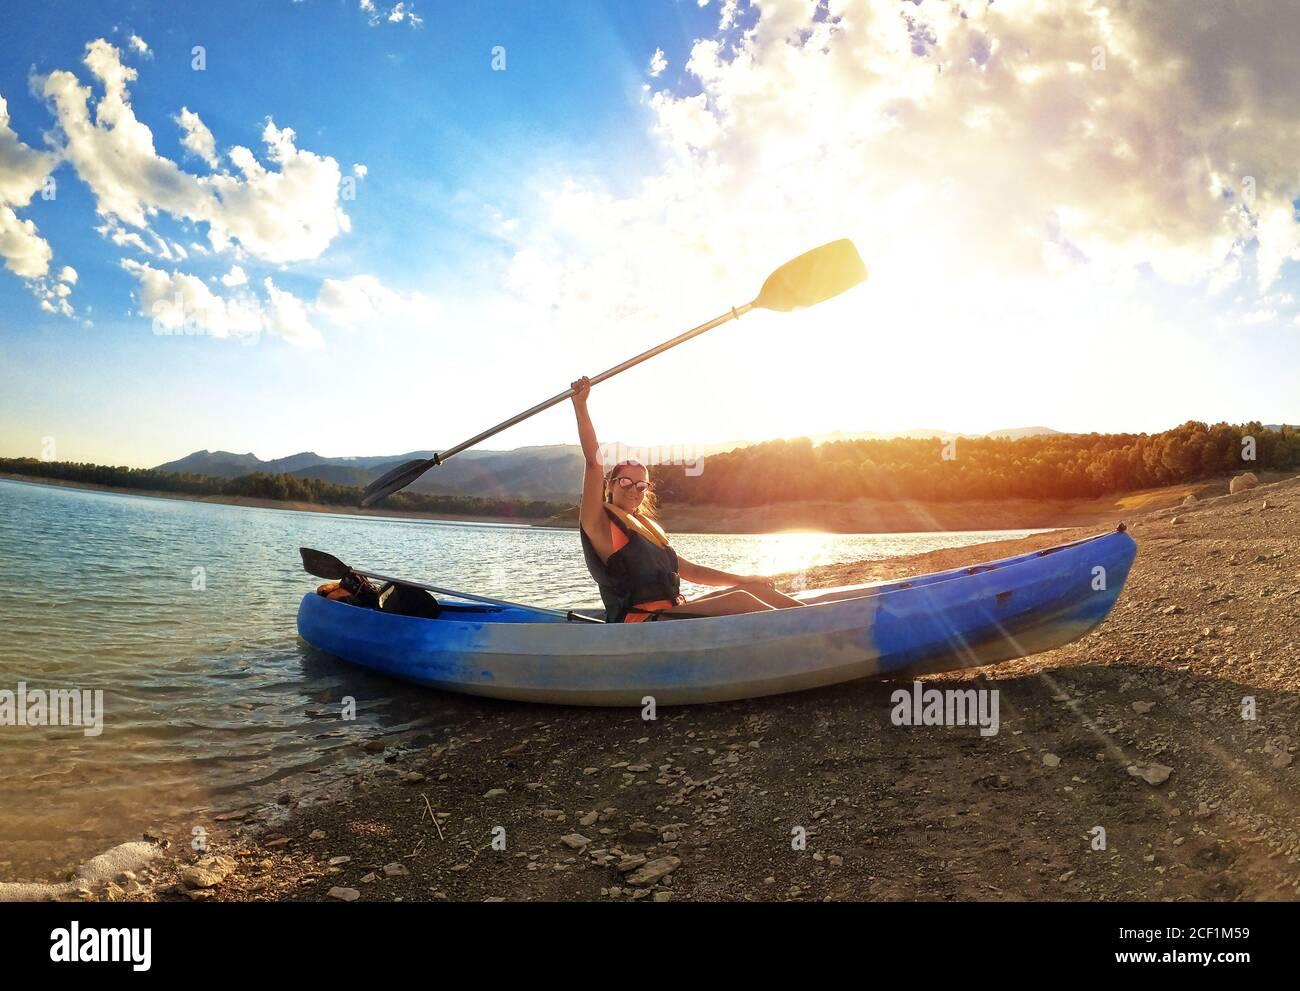 Donna in kayak canottaggio al mare contro il tramonto a Embalse de la Bolera, Jaen, Spagna. Il successo sul concetto di obiettivi sportivi. Potere della donna. Foto Stock